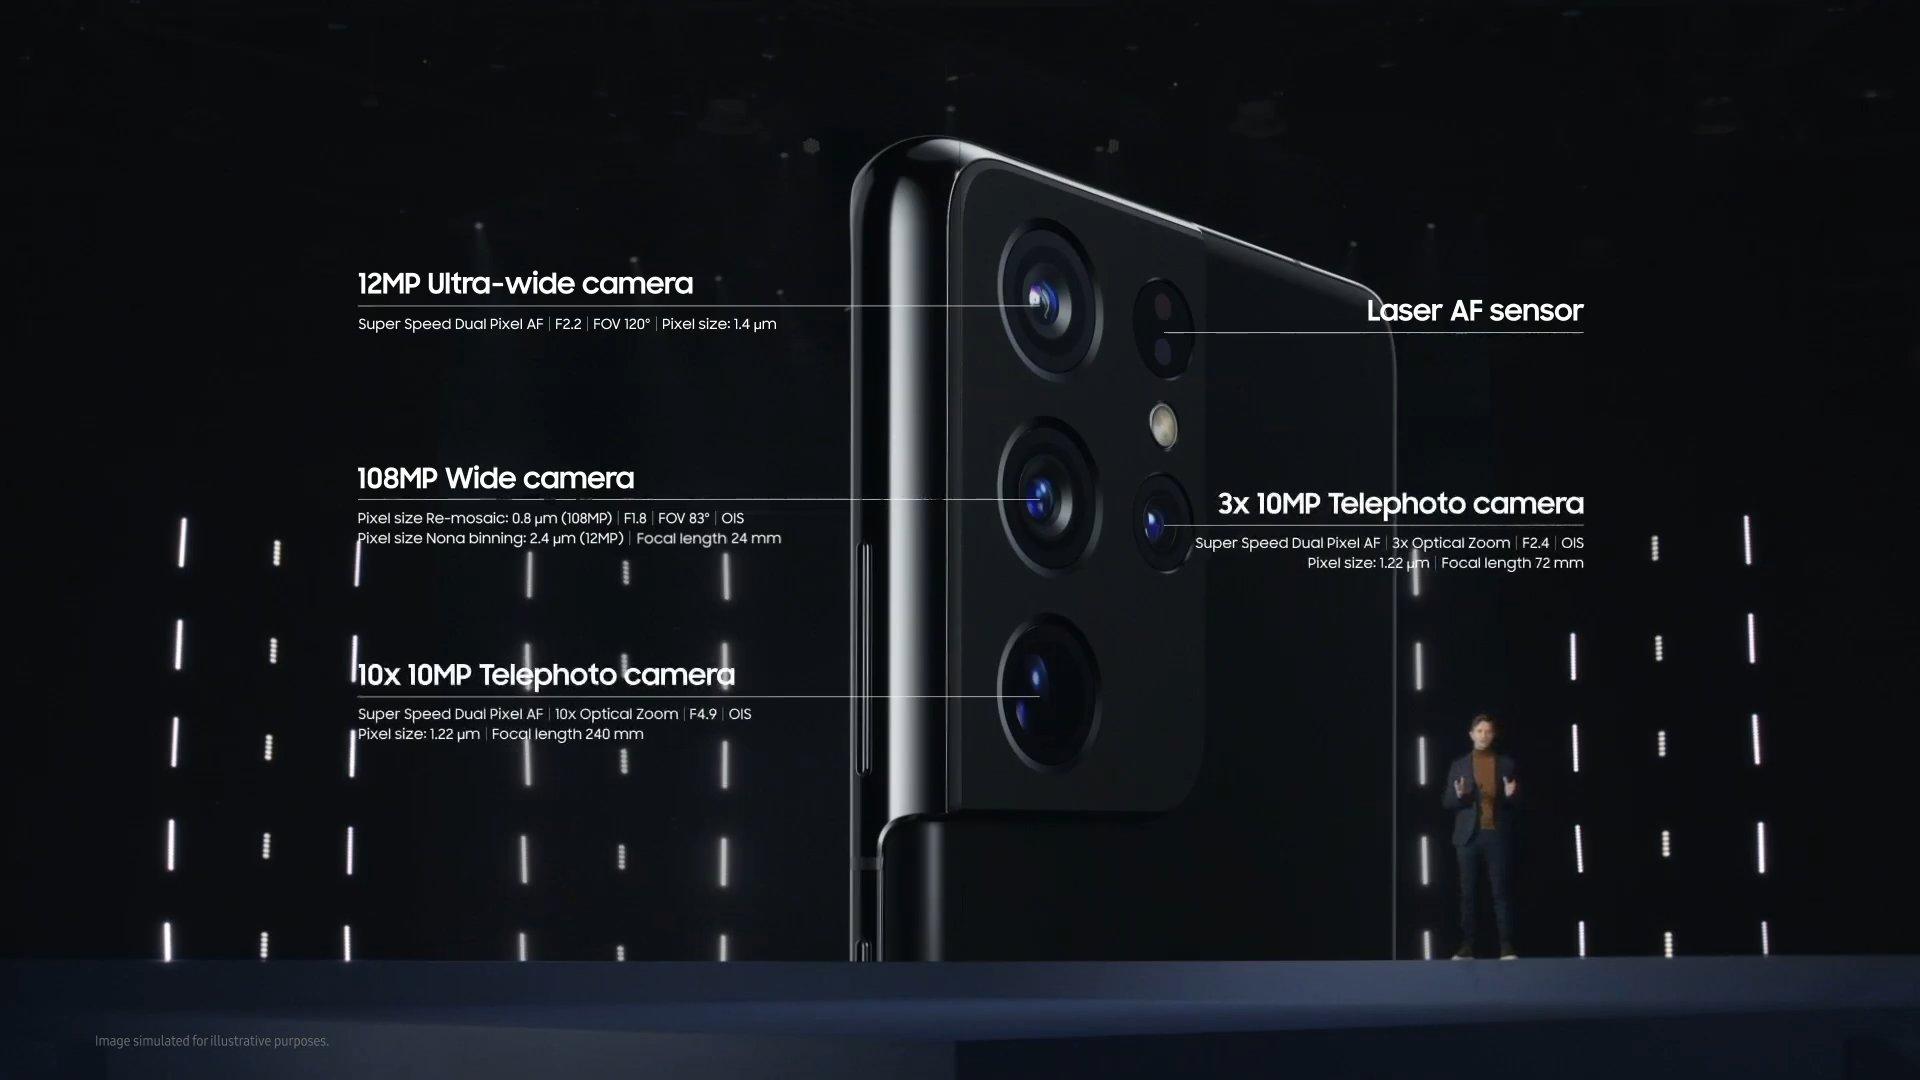 كاميرا جالكسي S21 ألترا - مؤتمر سامسونج 2021